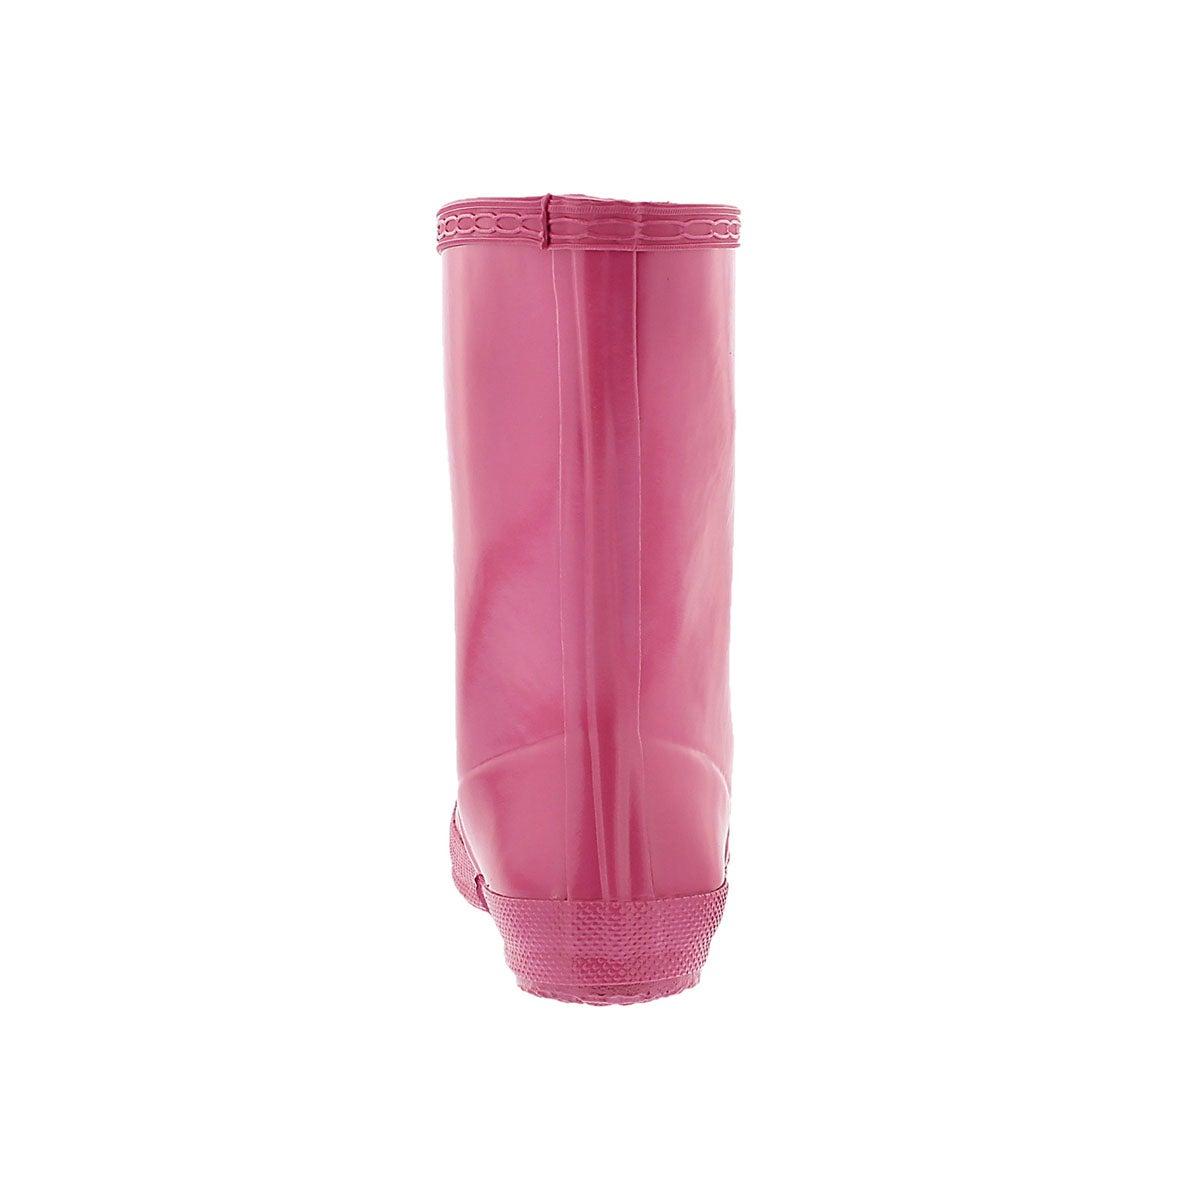 Infs First Classic Gloss pink rain boot